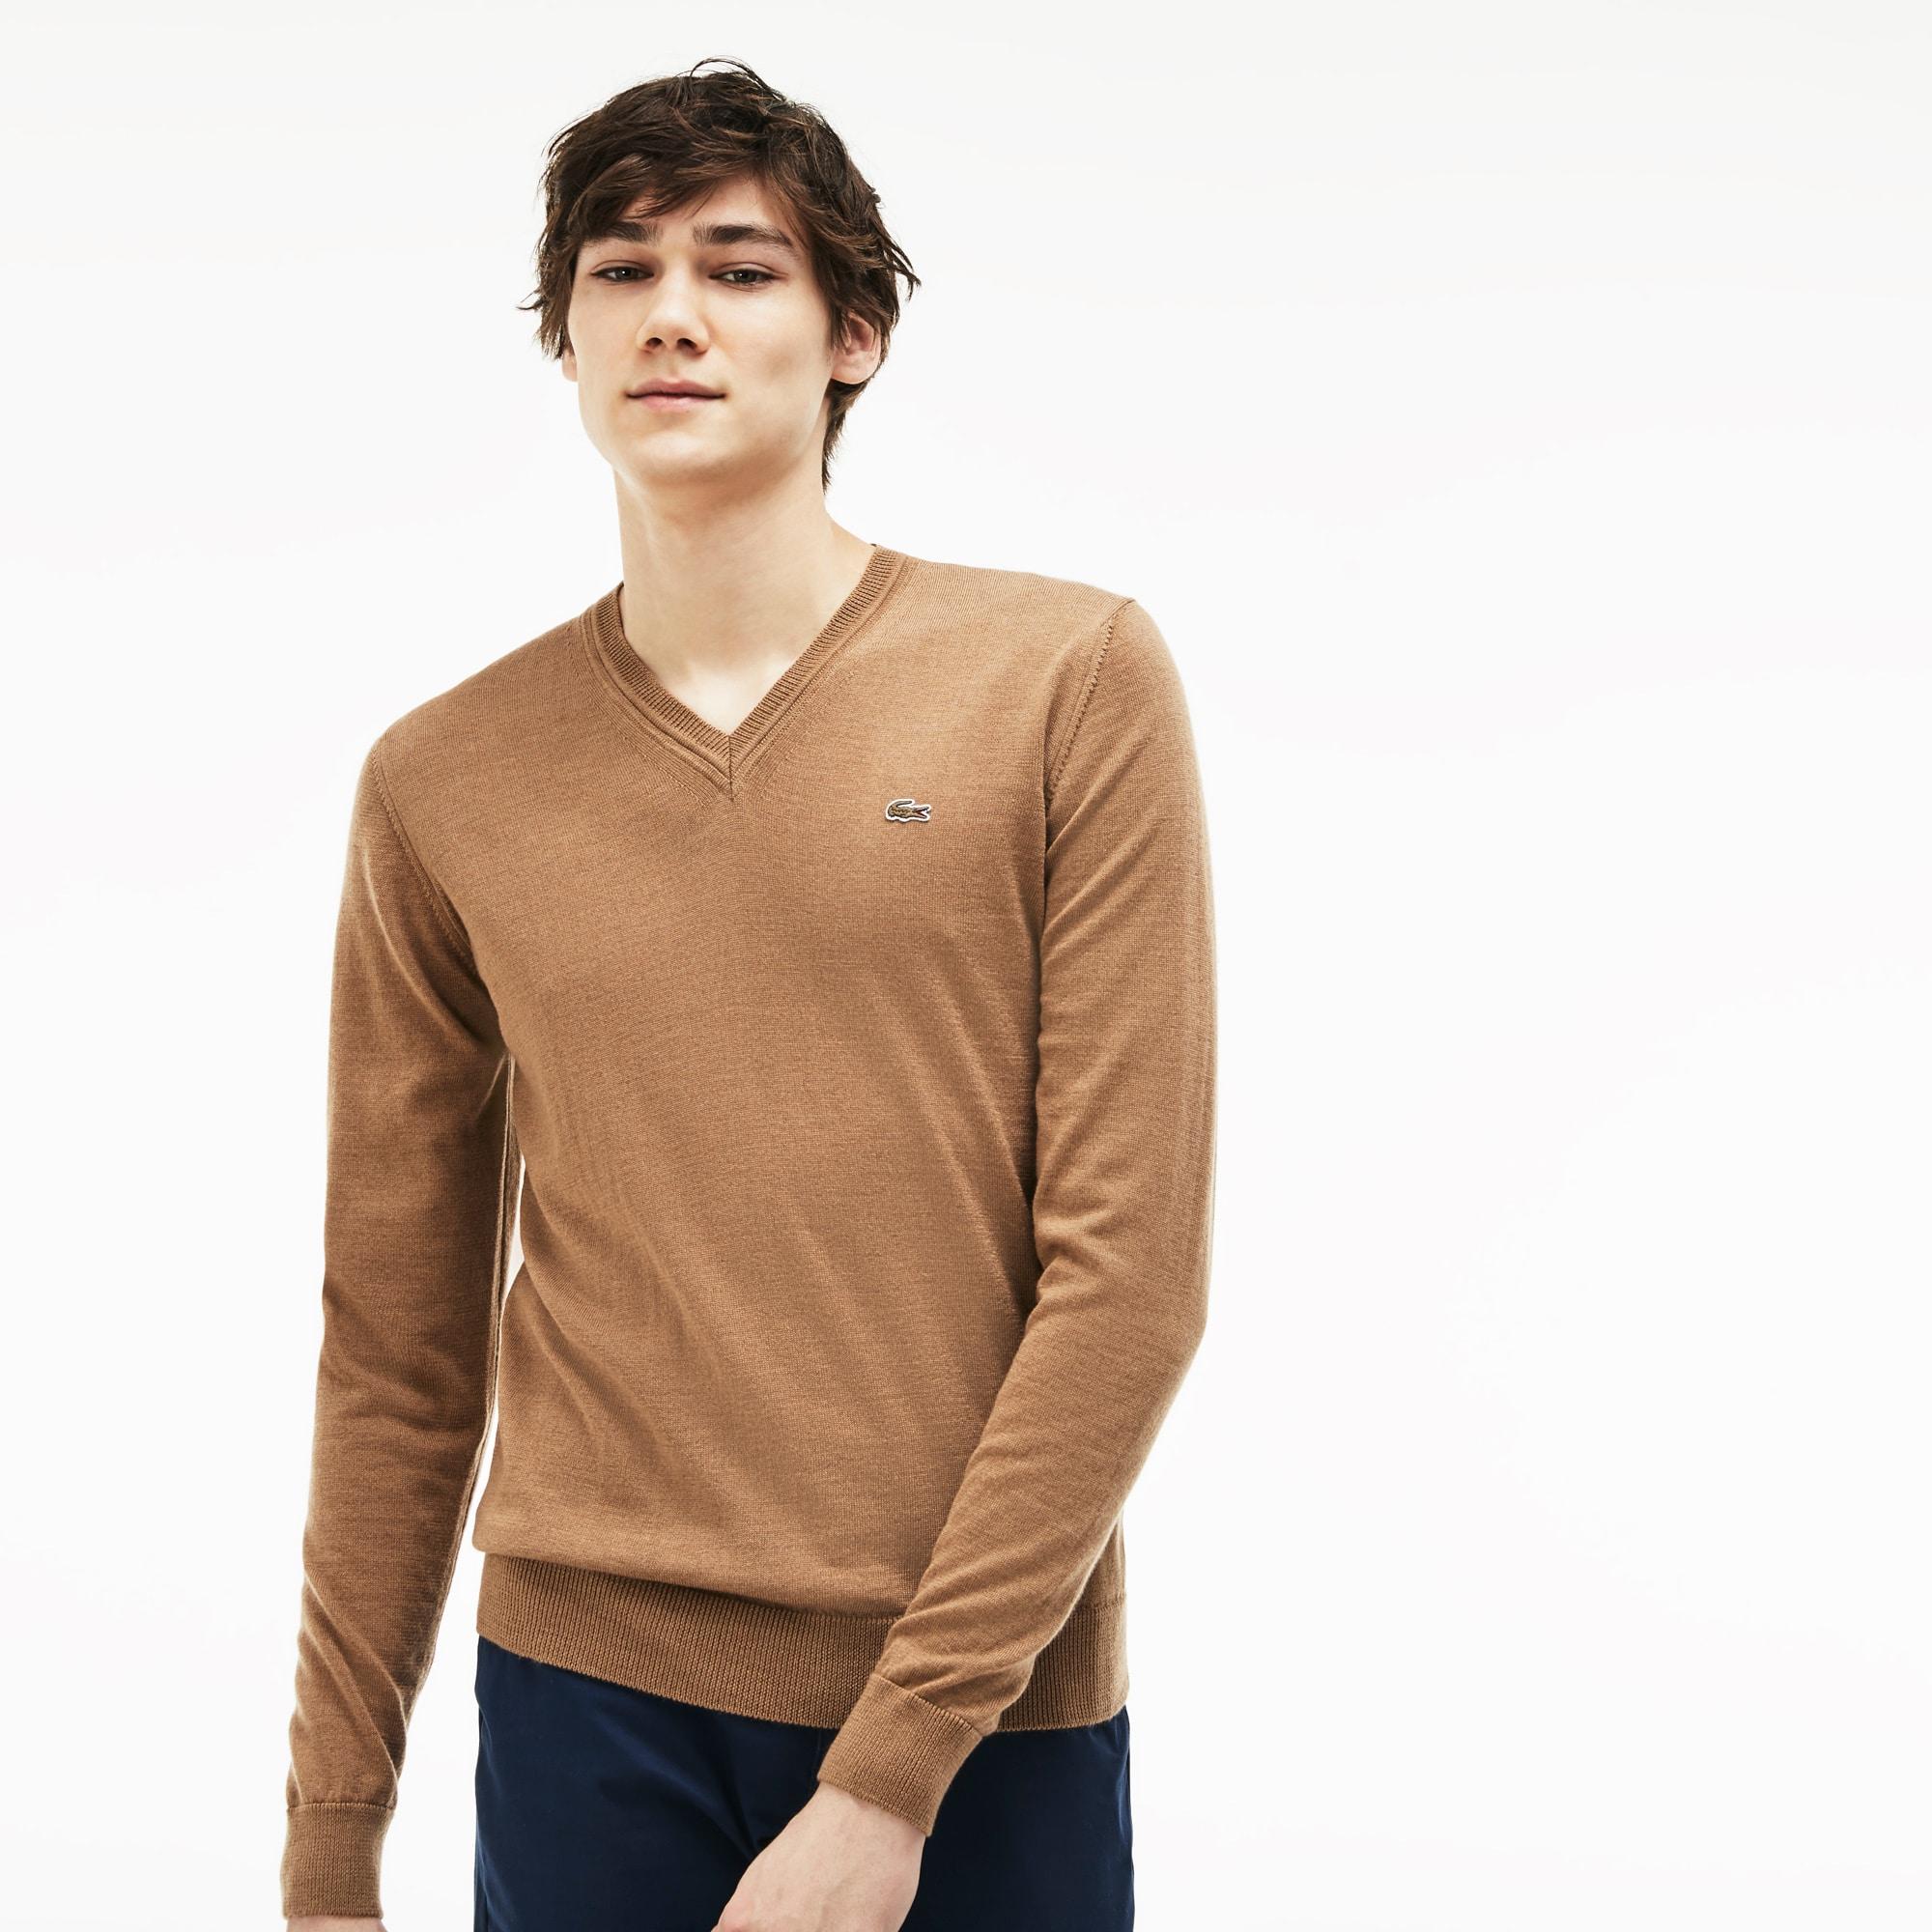 Jersey de hombre en tejido de punto de lana con cuello de pico